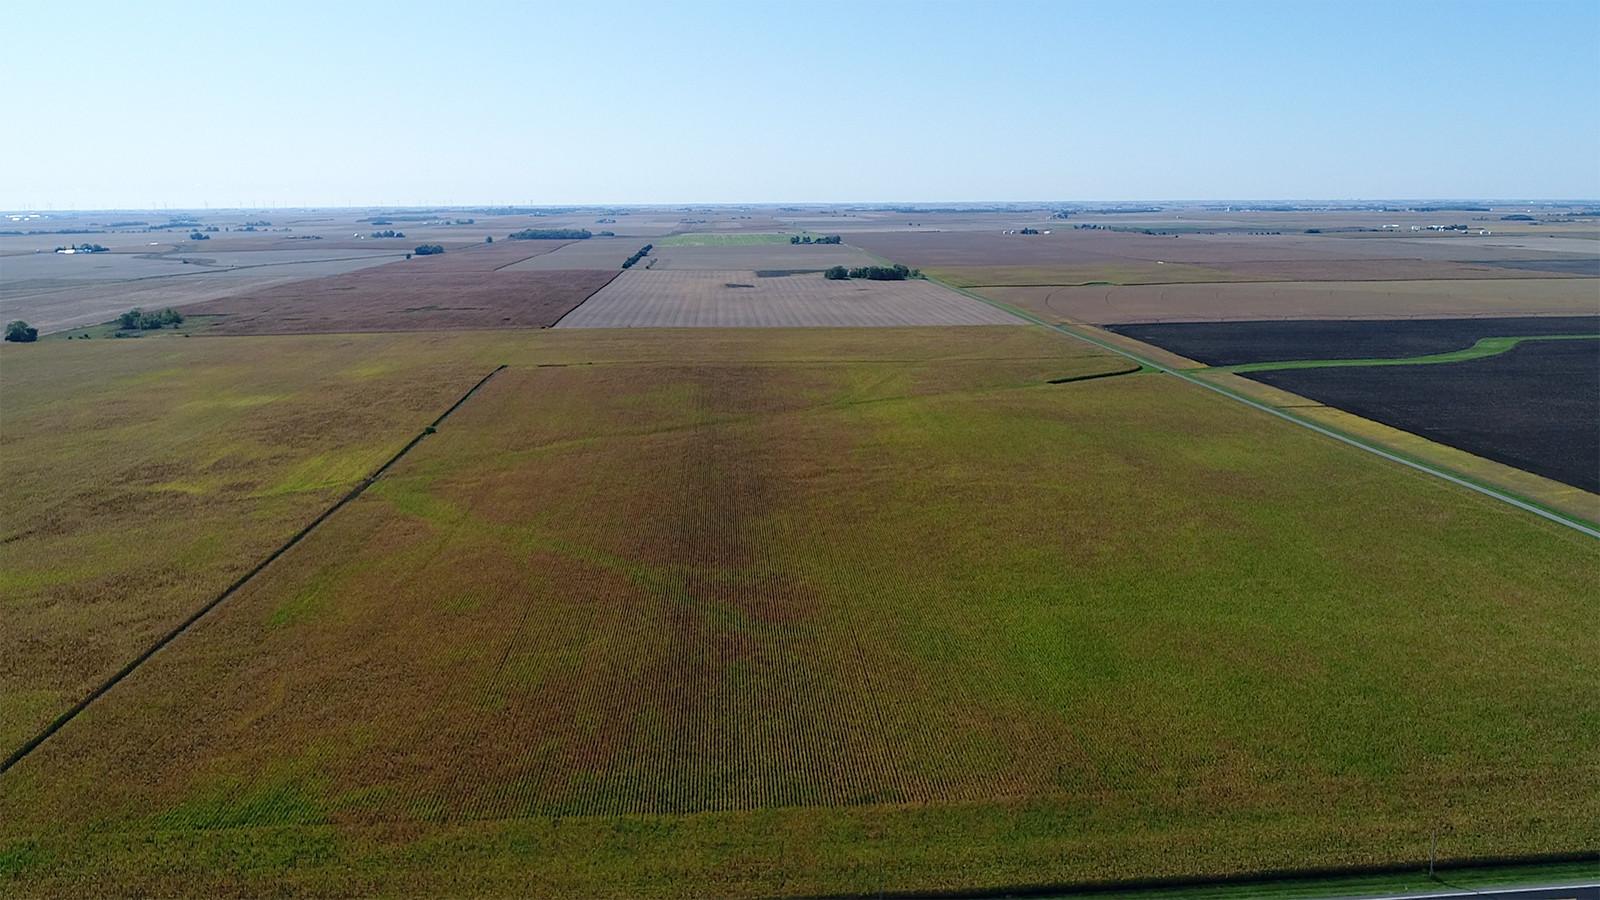 Drone Pic 1 - MWA Auctions & Real Estate | Champaign Co Farmland Auction 100 Ac - Dec 3 2019